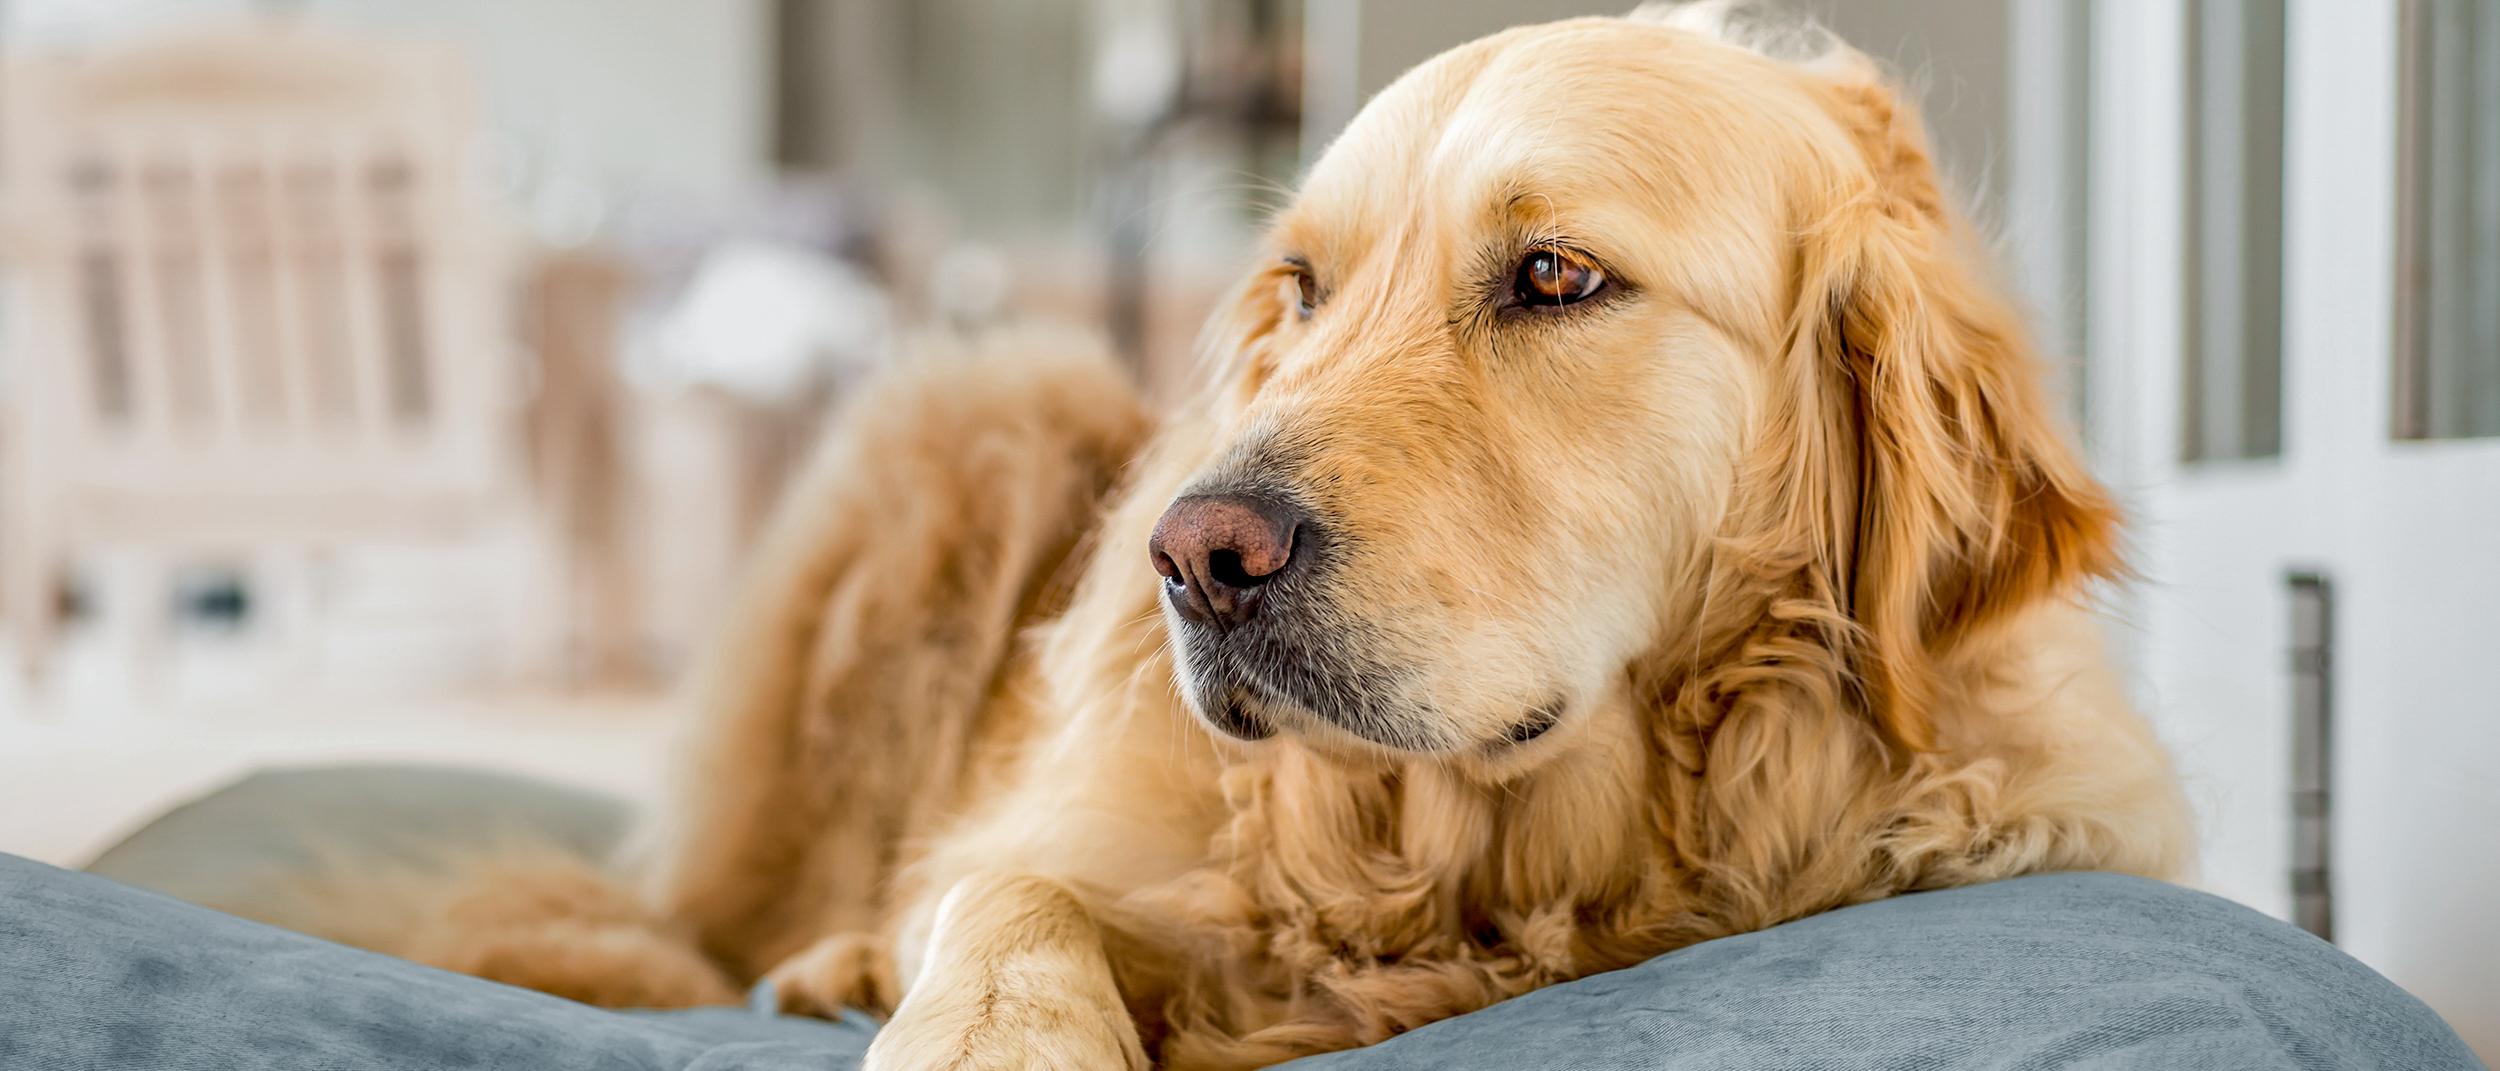 qué causa que un perro pierda peso rápidamente